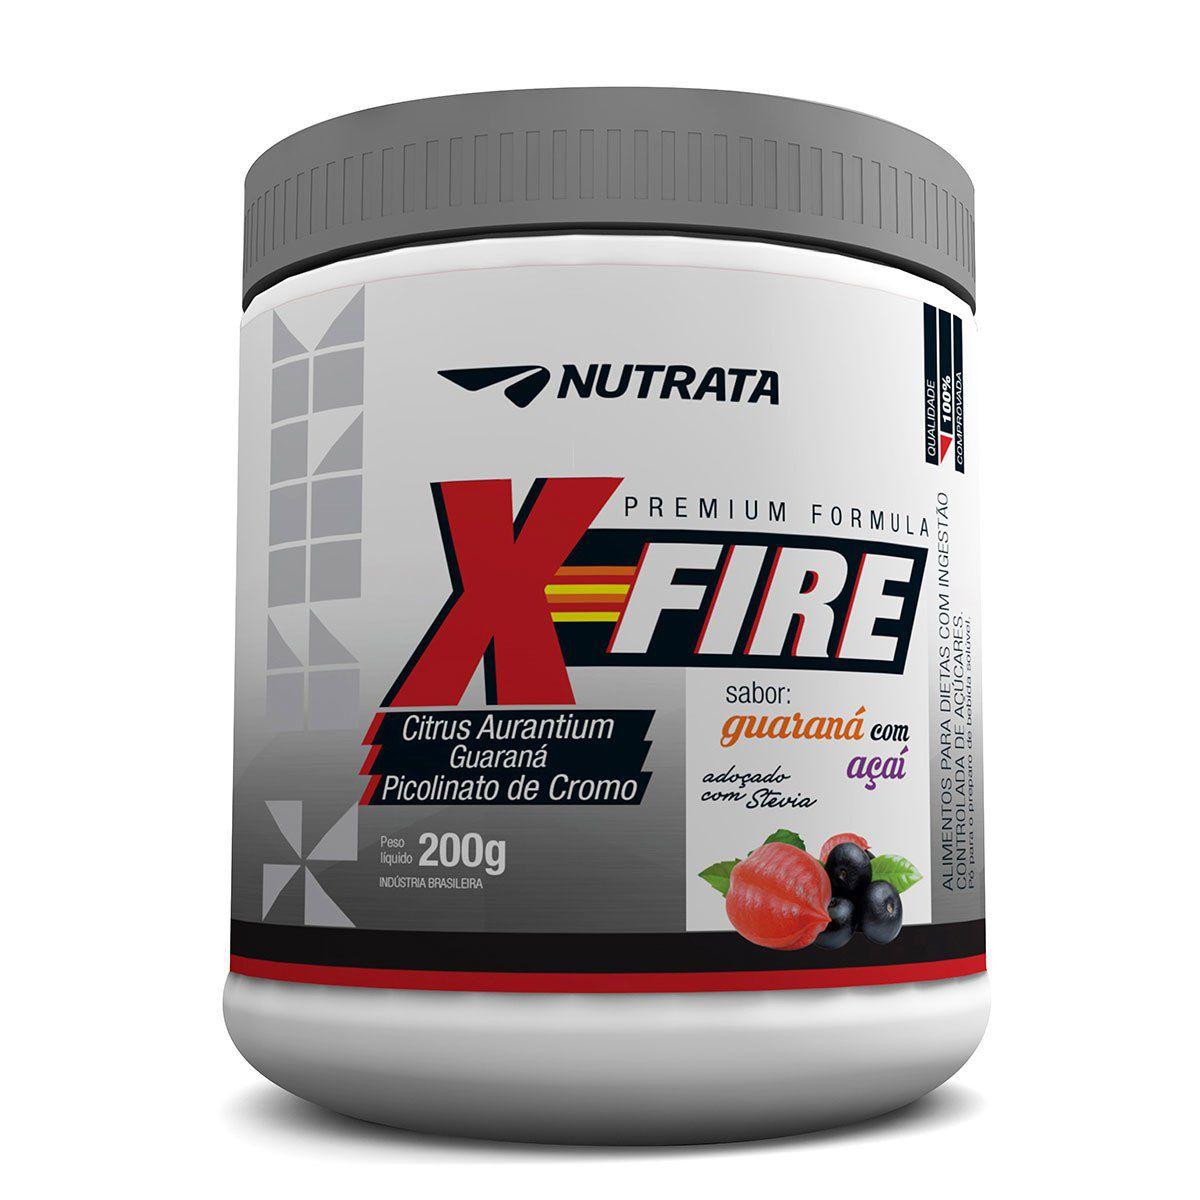 X-Fire Nutrata - 200g